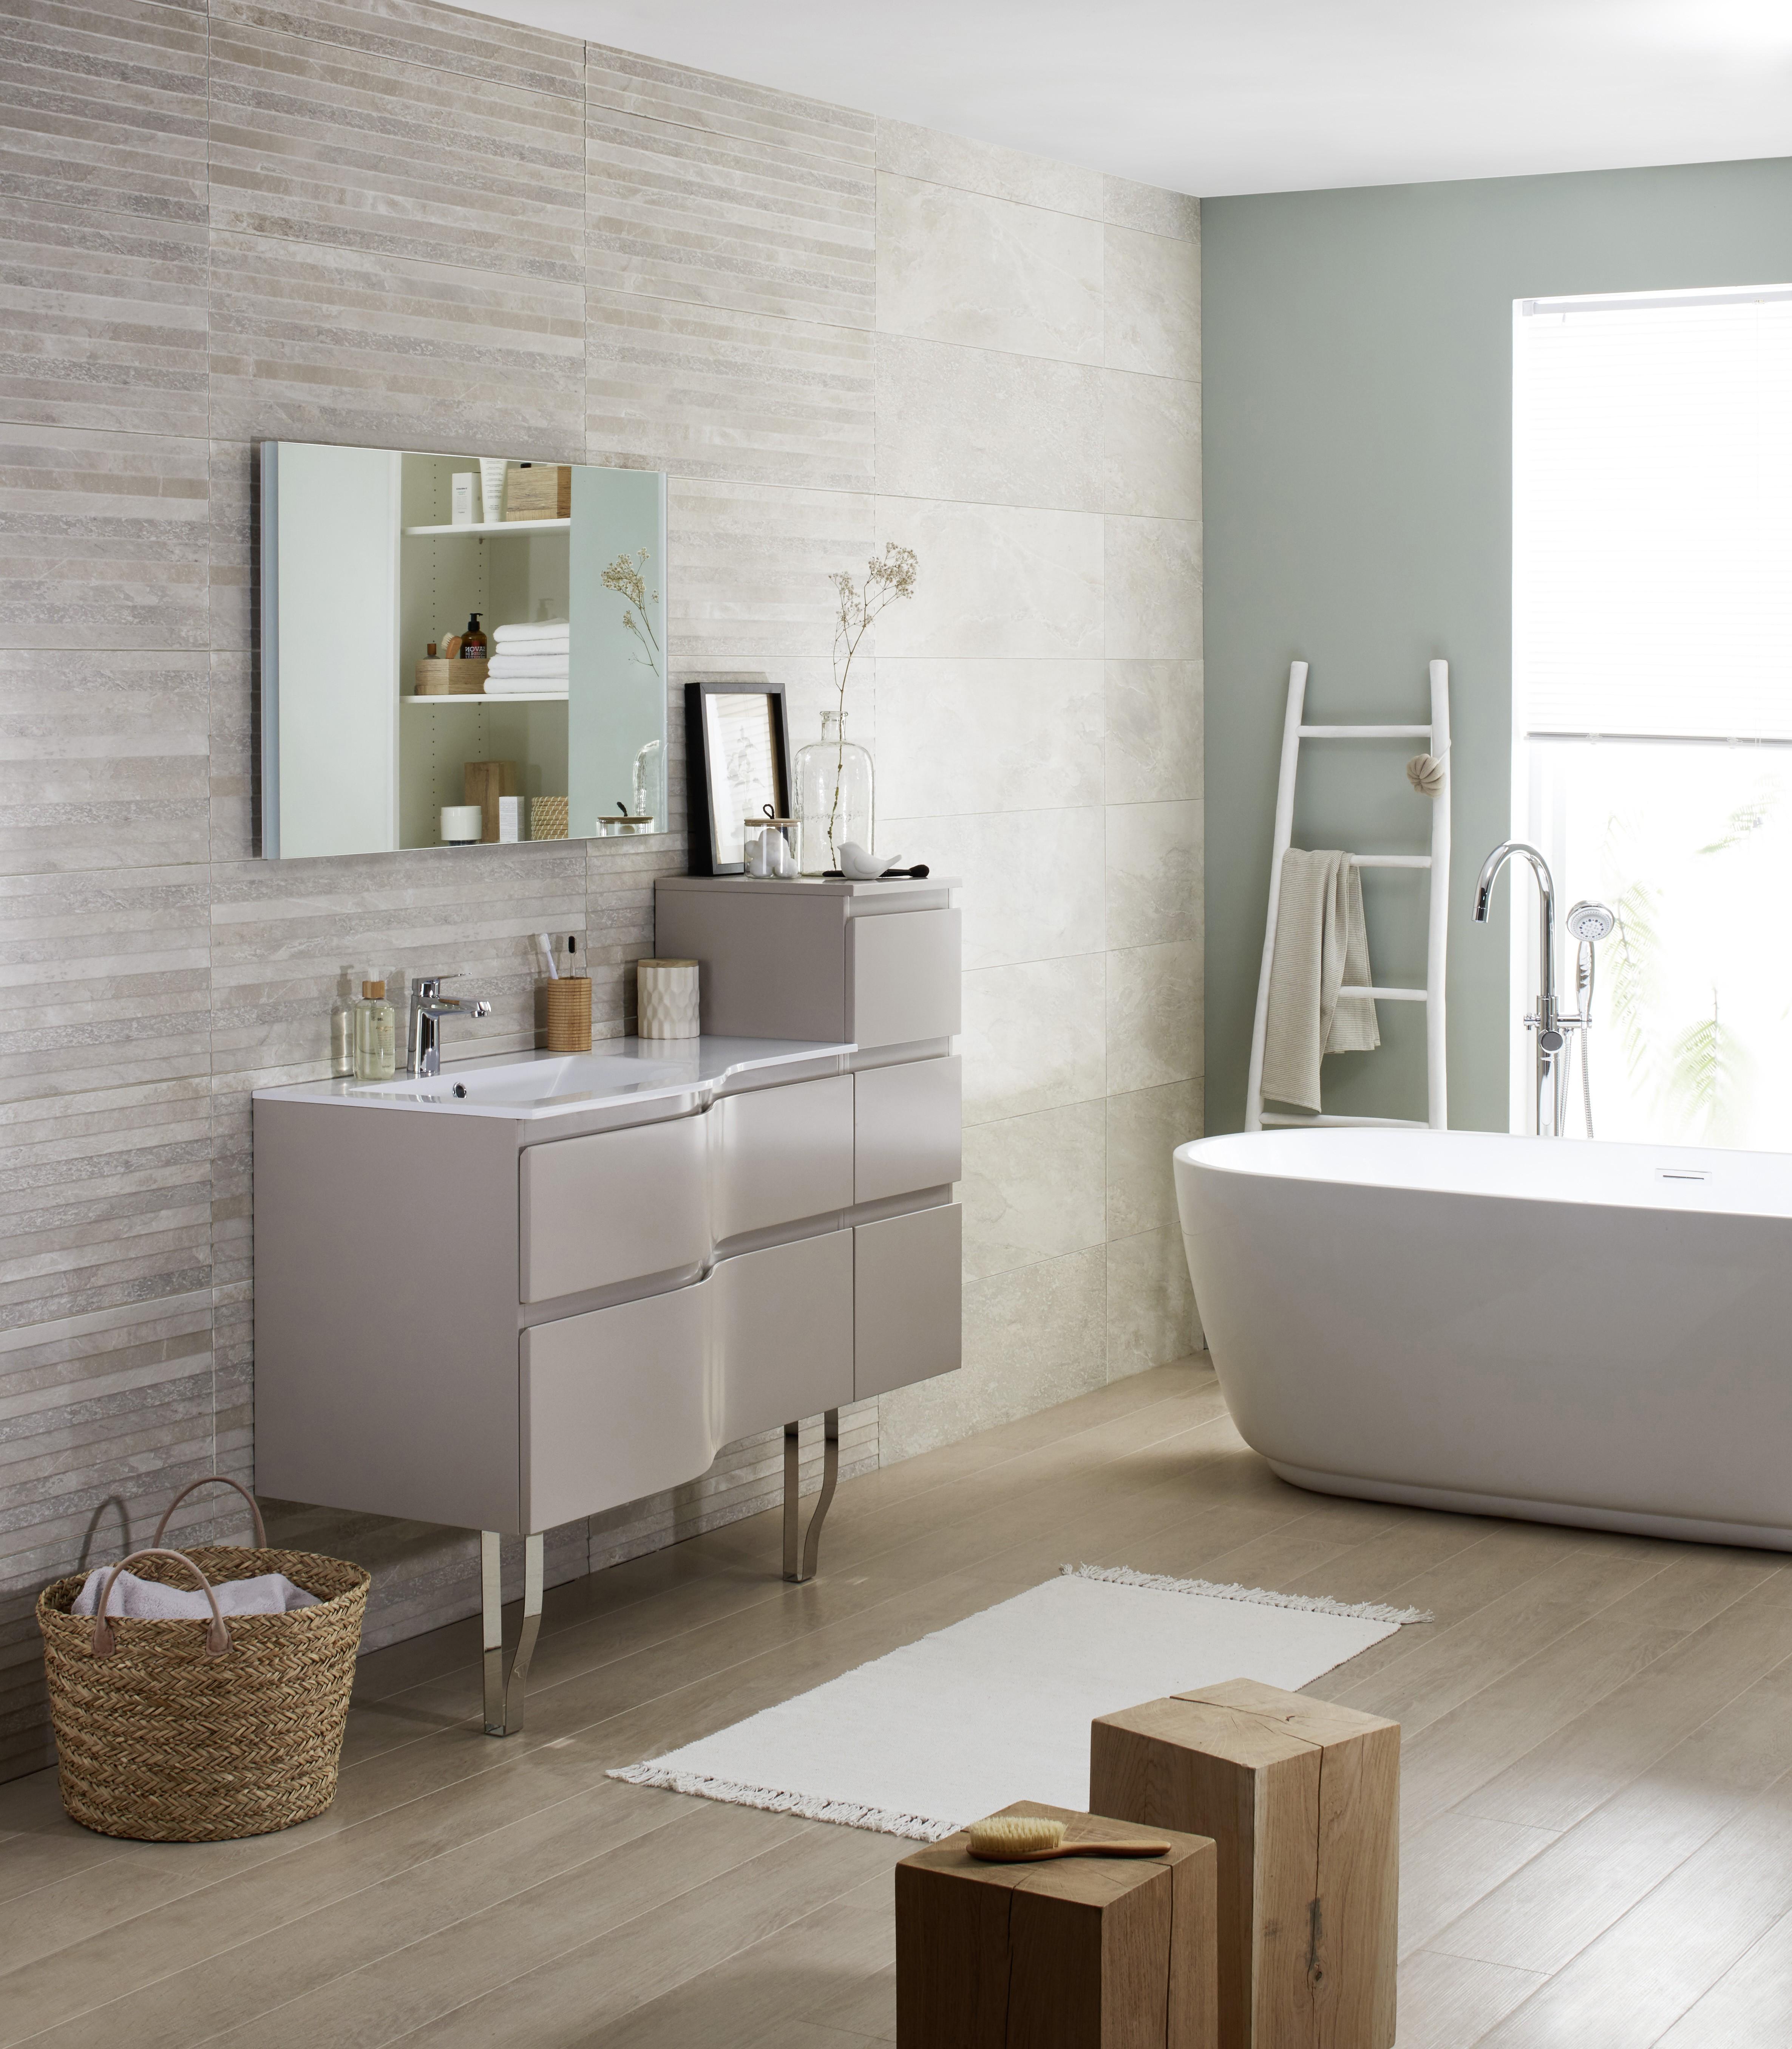 Salles de bains 15 - Lapeyre Presse